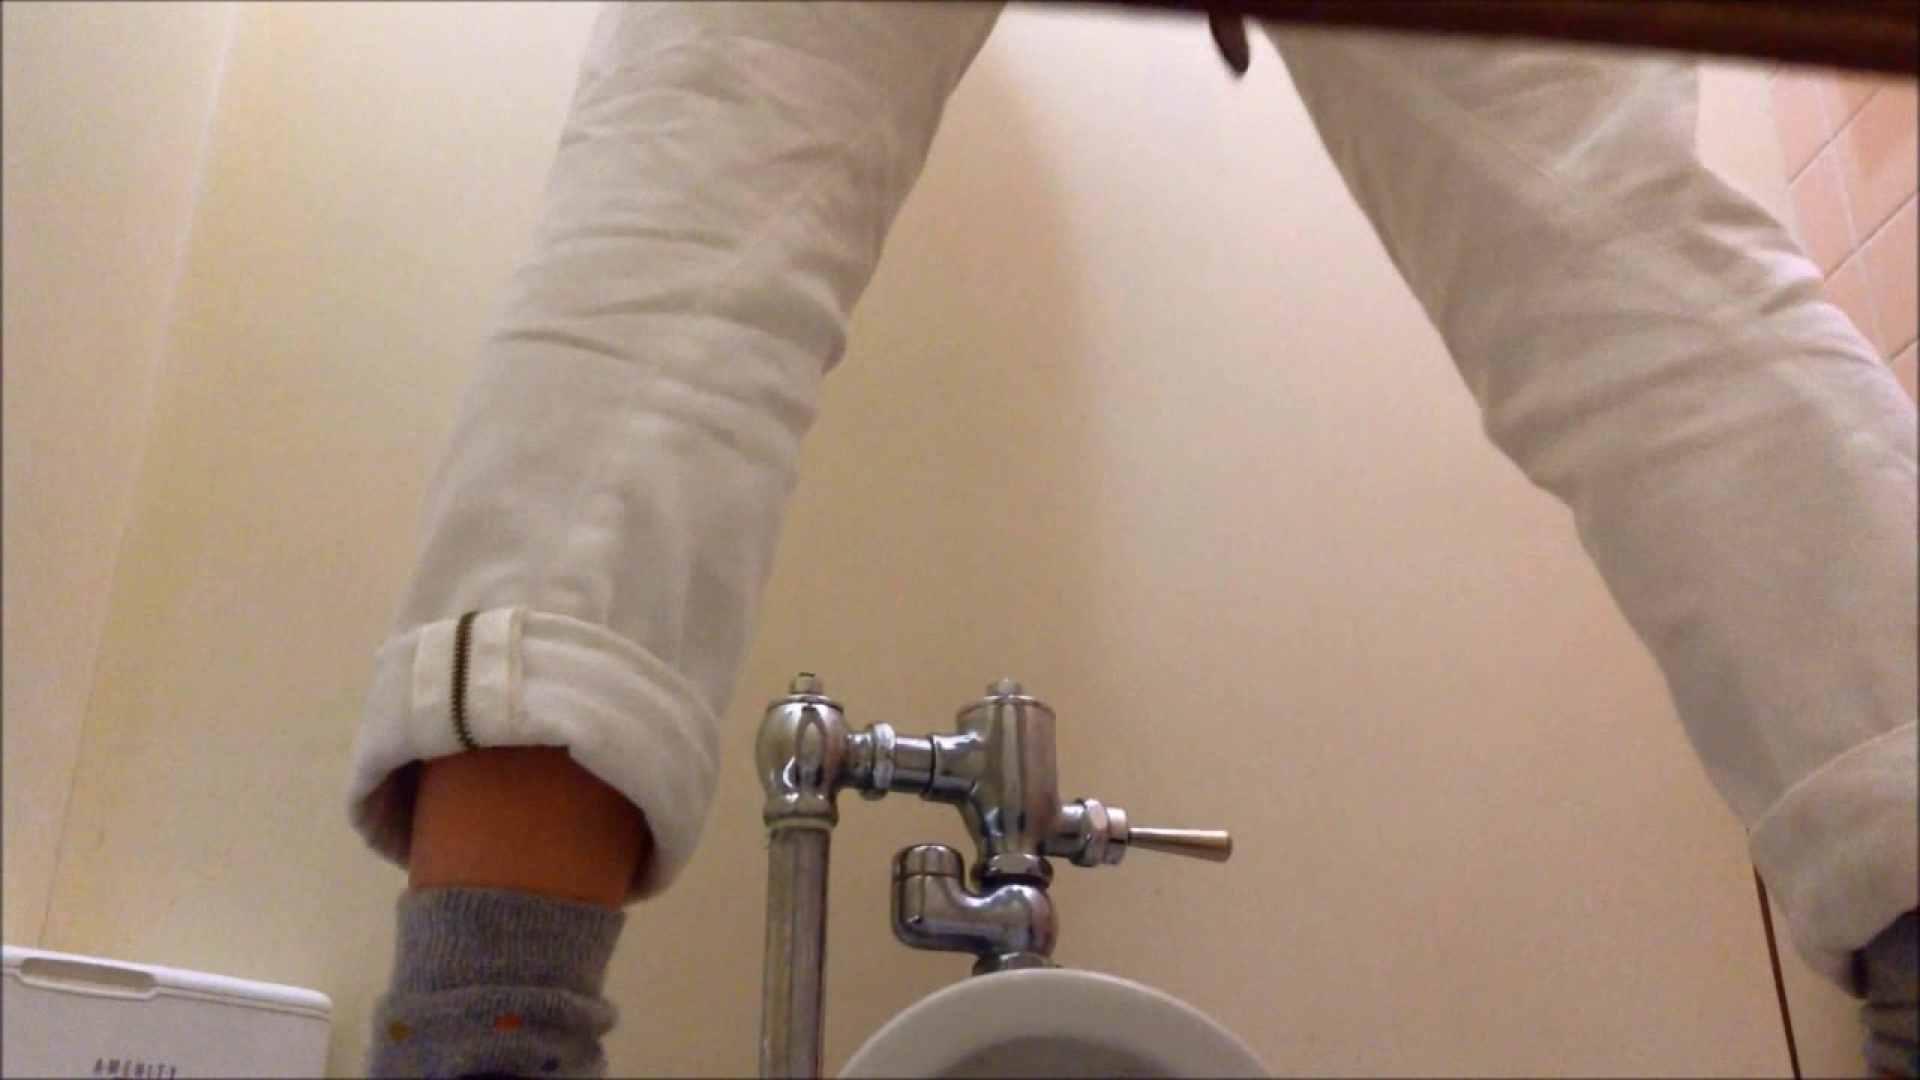 某有名大学女性洗面所 vol.10 和式トイレ オメコ無修正動画無料 90pic 23